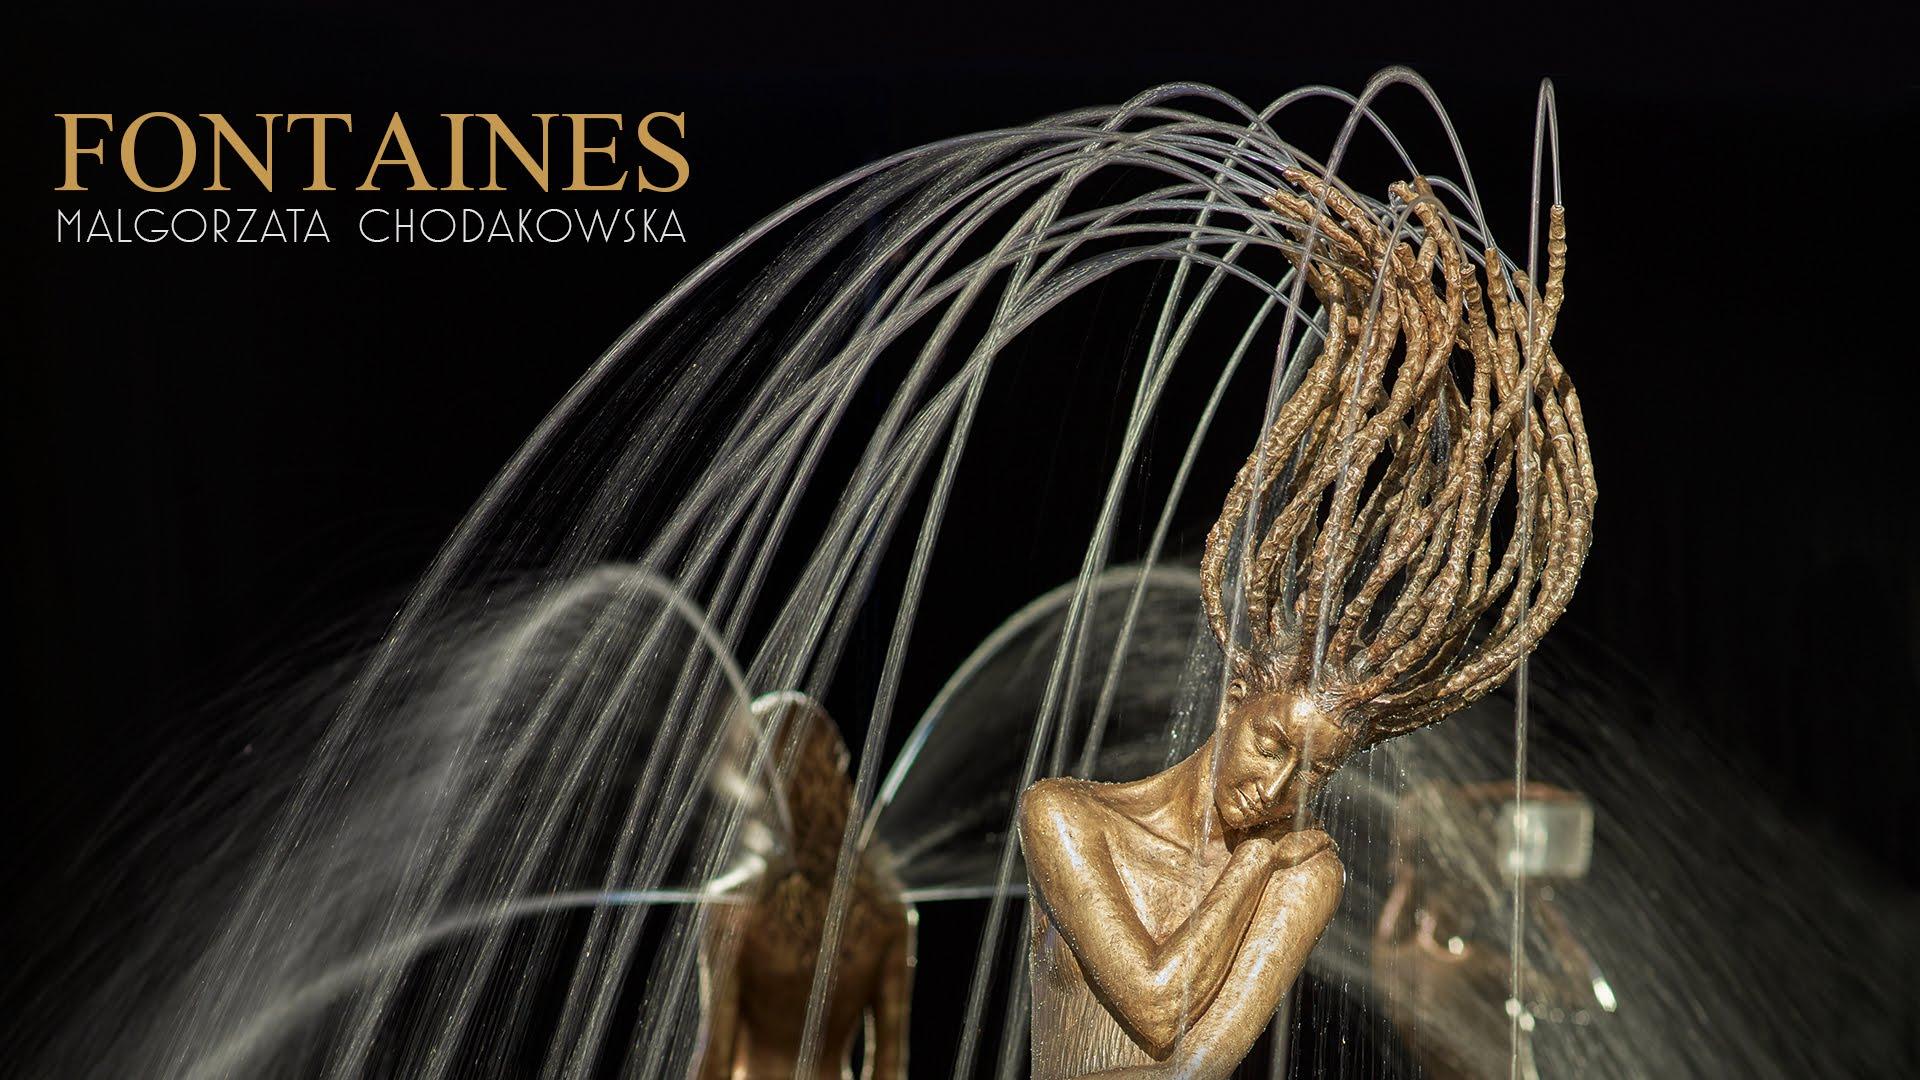 爷爱怀旧 YouTube每日视频精选 波兰艺术家 Małgorzata Chodakowska 和她设计的喷水铜雕 微博@爷爱怀旧 爷爱怀旧